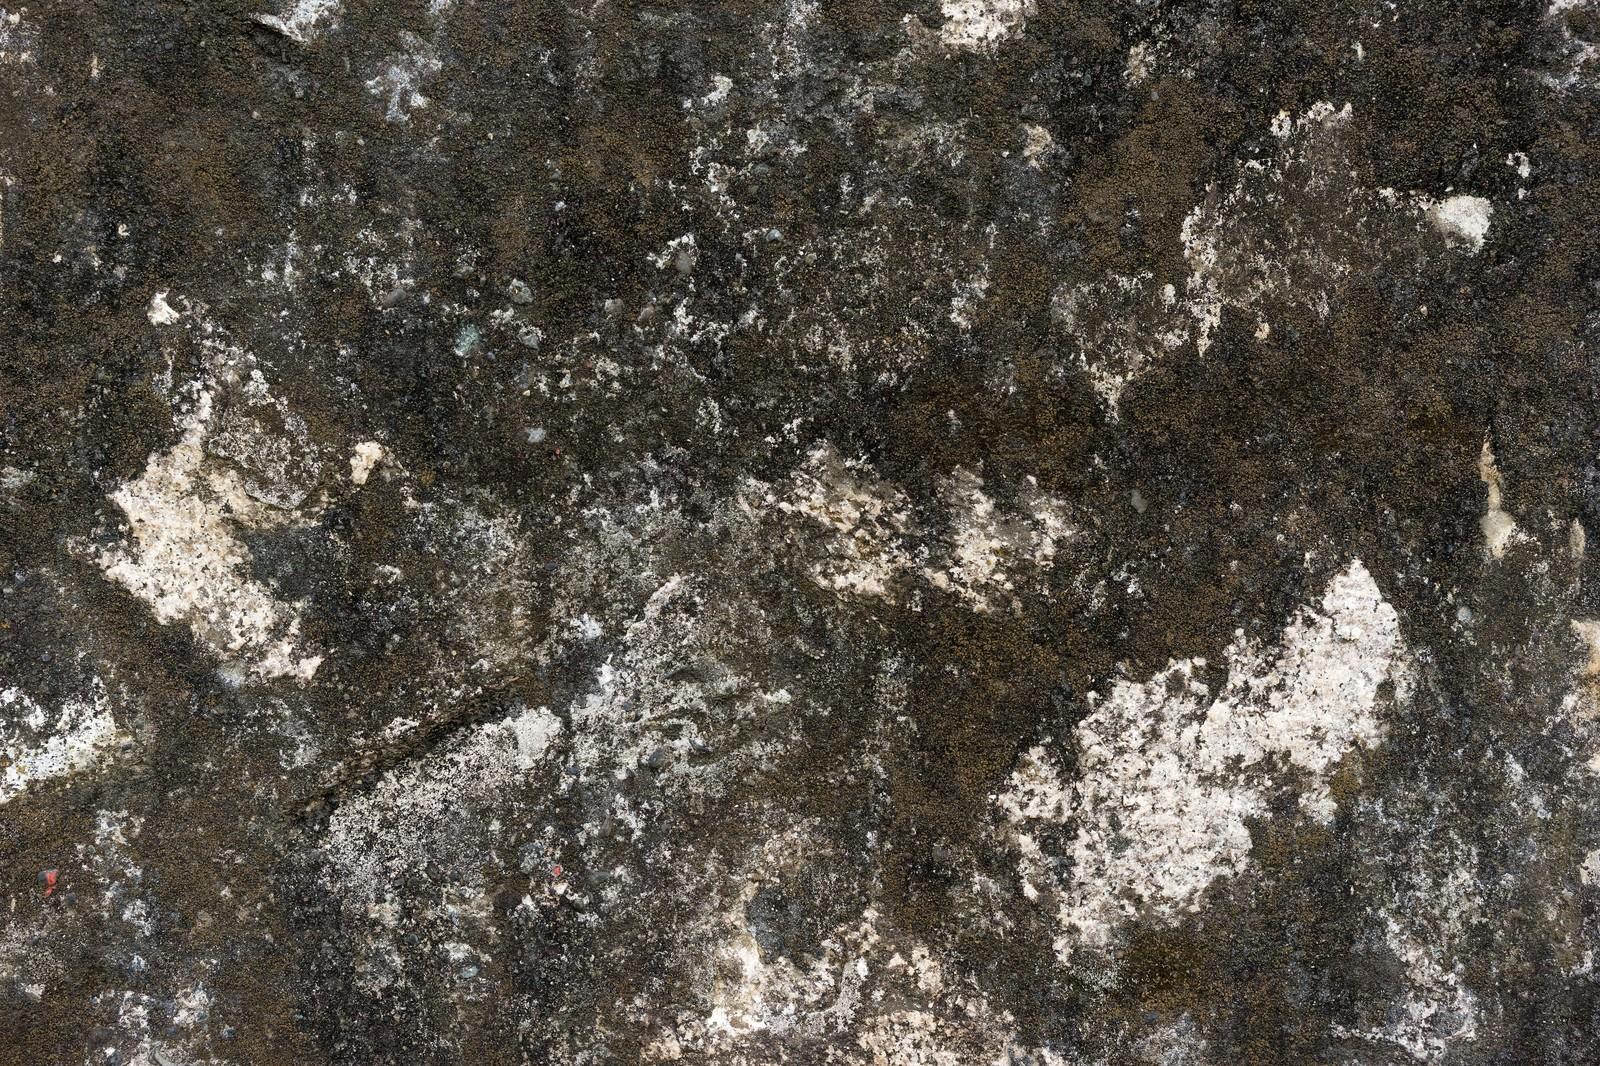 「藻が生えた壁(テクスチャー)」の写真